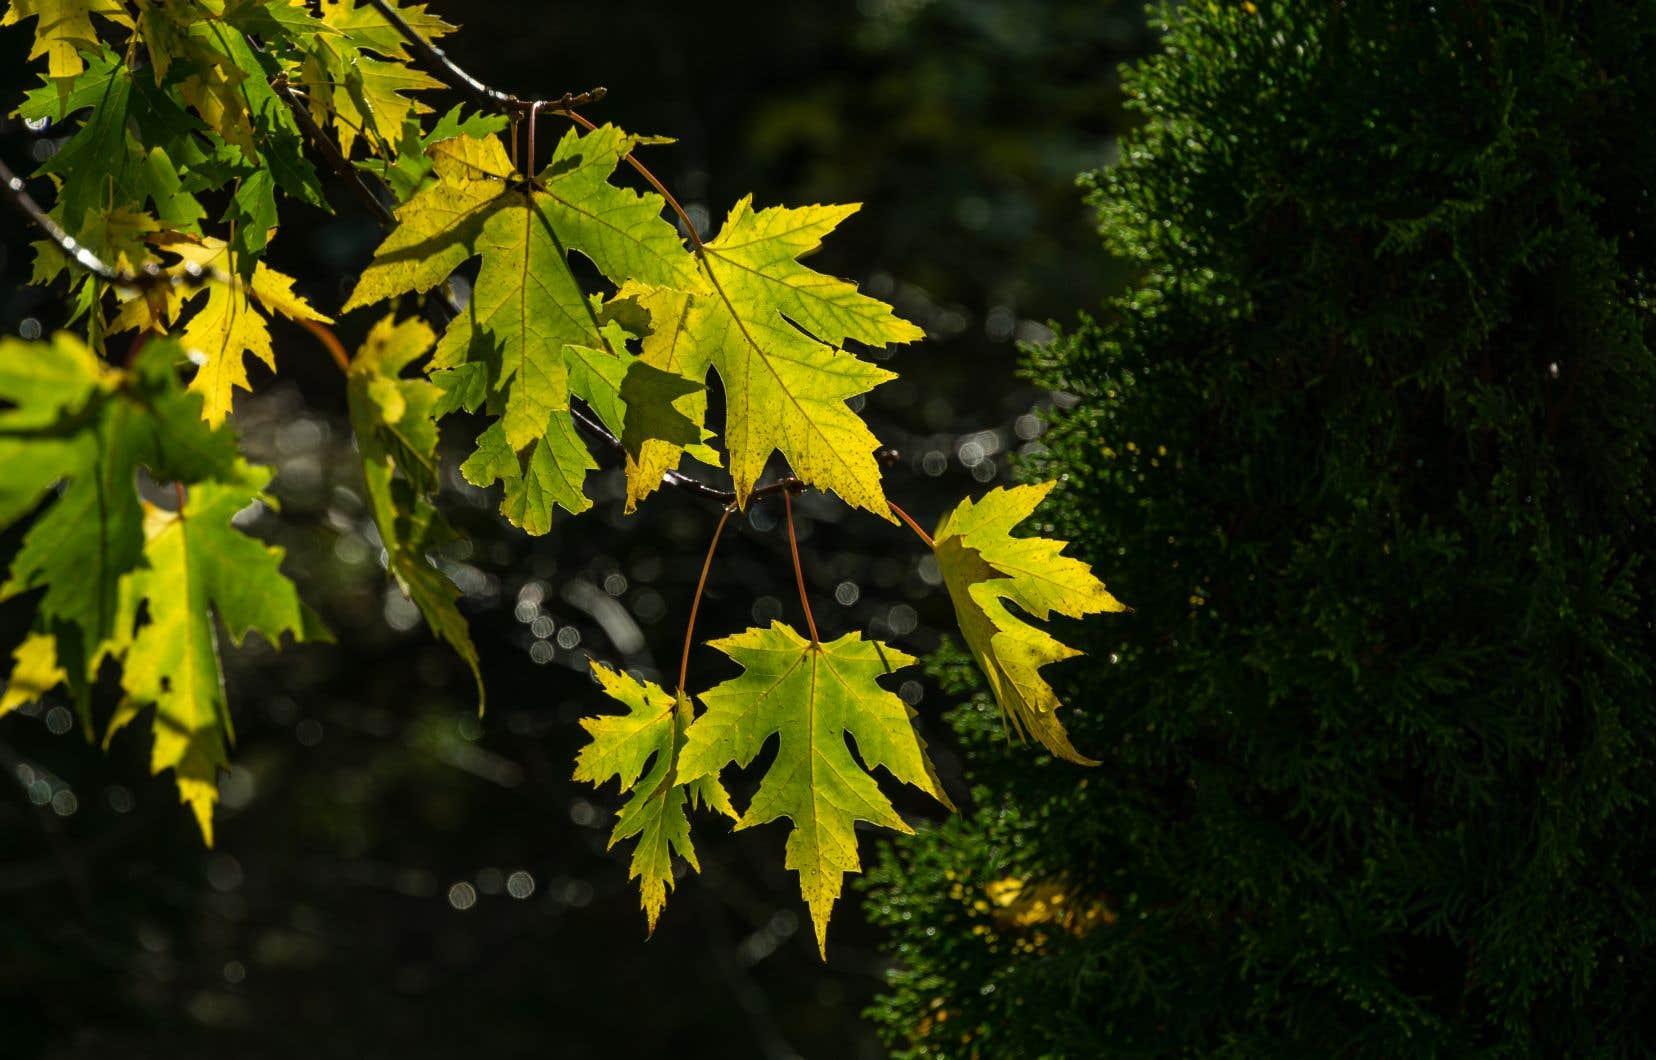 L'érable de Norvège a des racines à la fois superficielles et très denses qui assèchent et appauvrissent le sol, rendant le jardinage difficile.